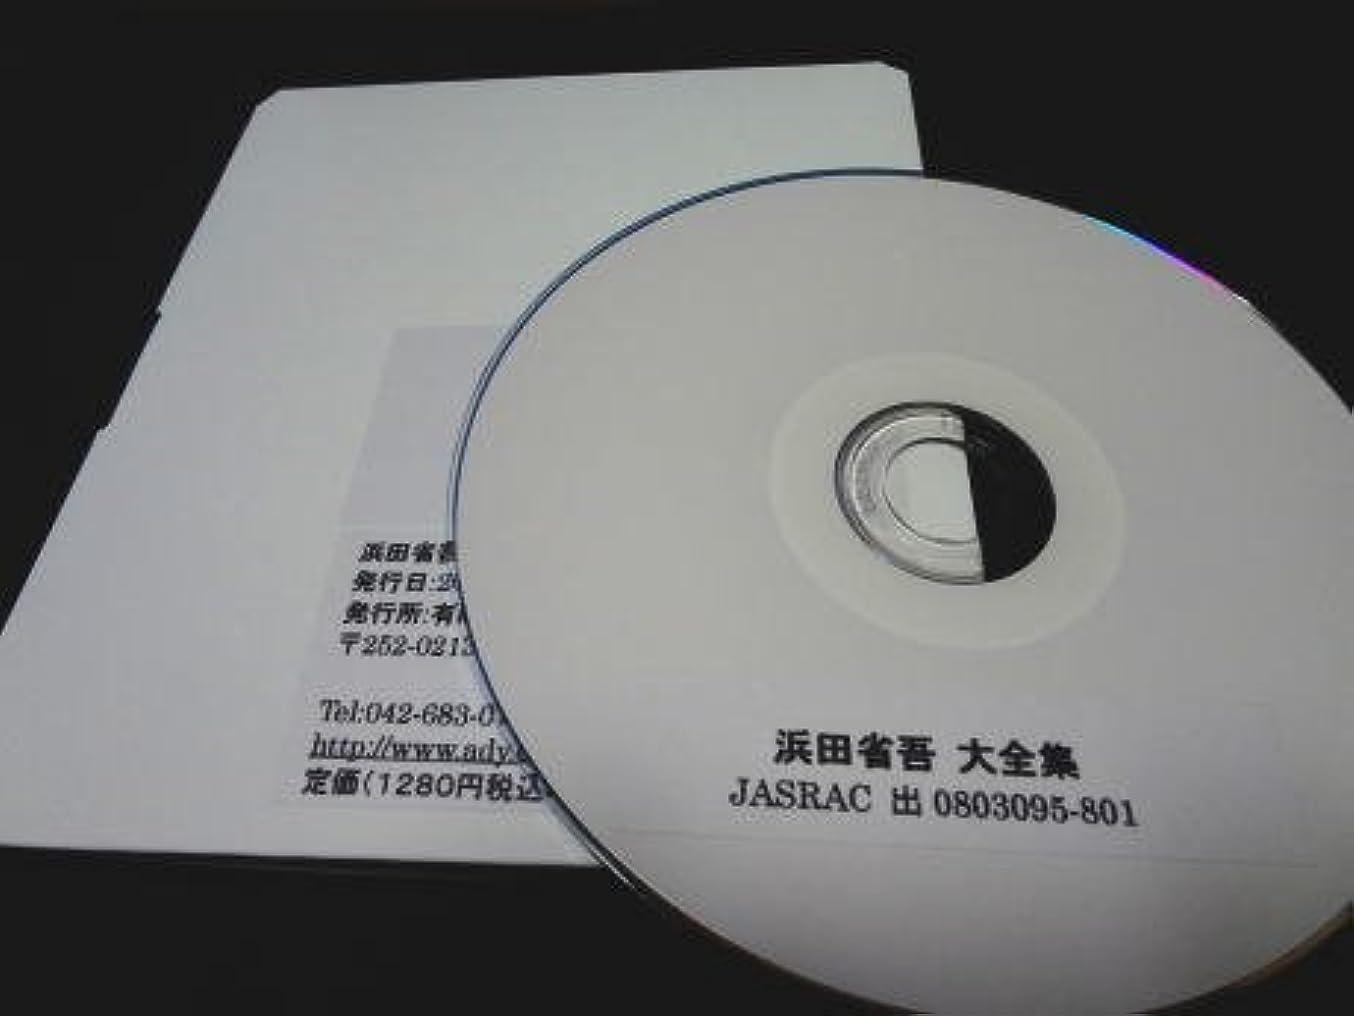 恩恵断片ポゴスティックジャンプギターコード譜シリーズ(CD-R版)/浜田省吾 大全集 全203曲